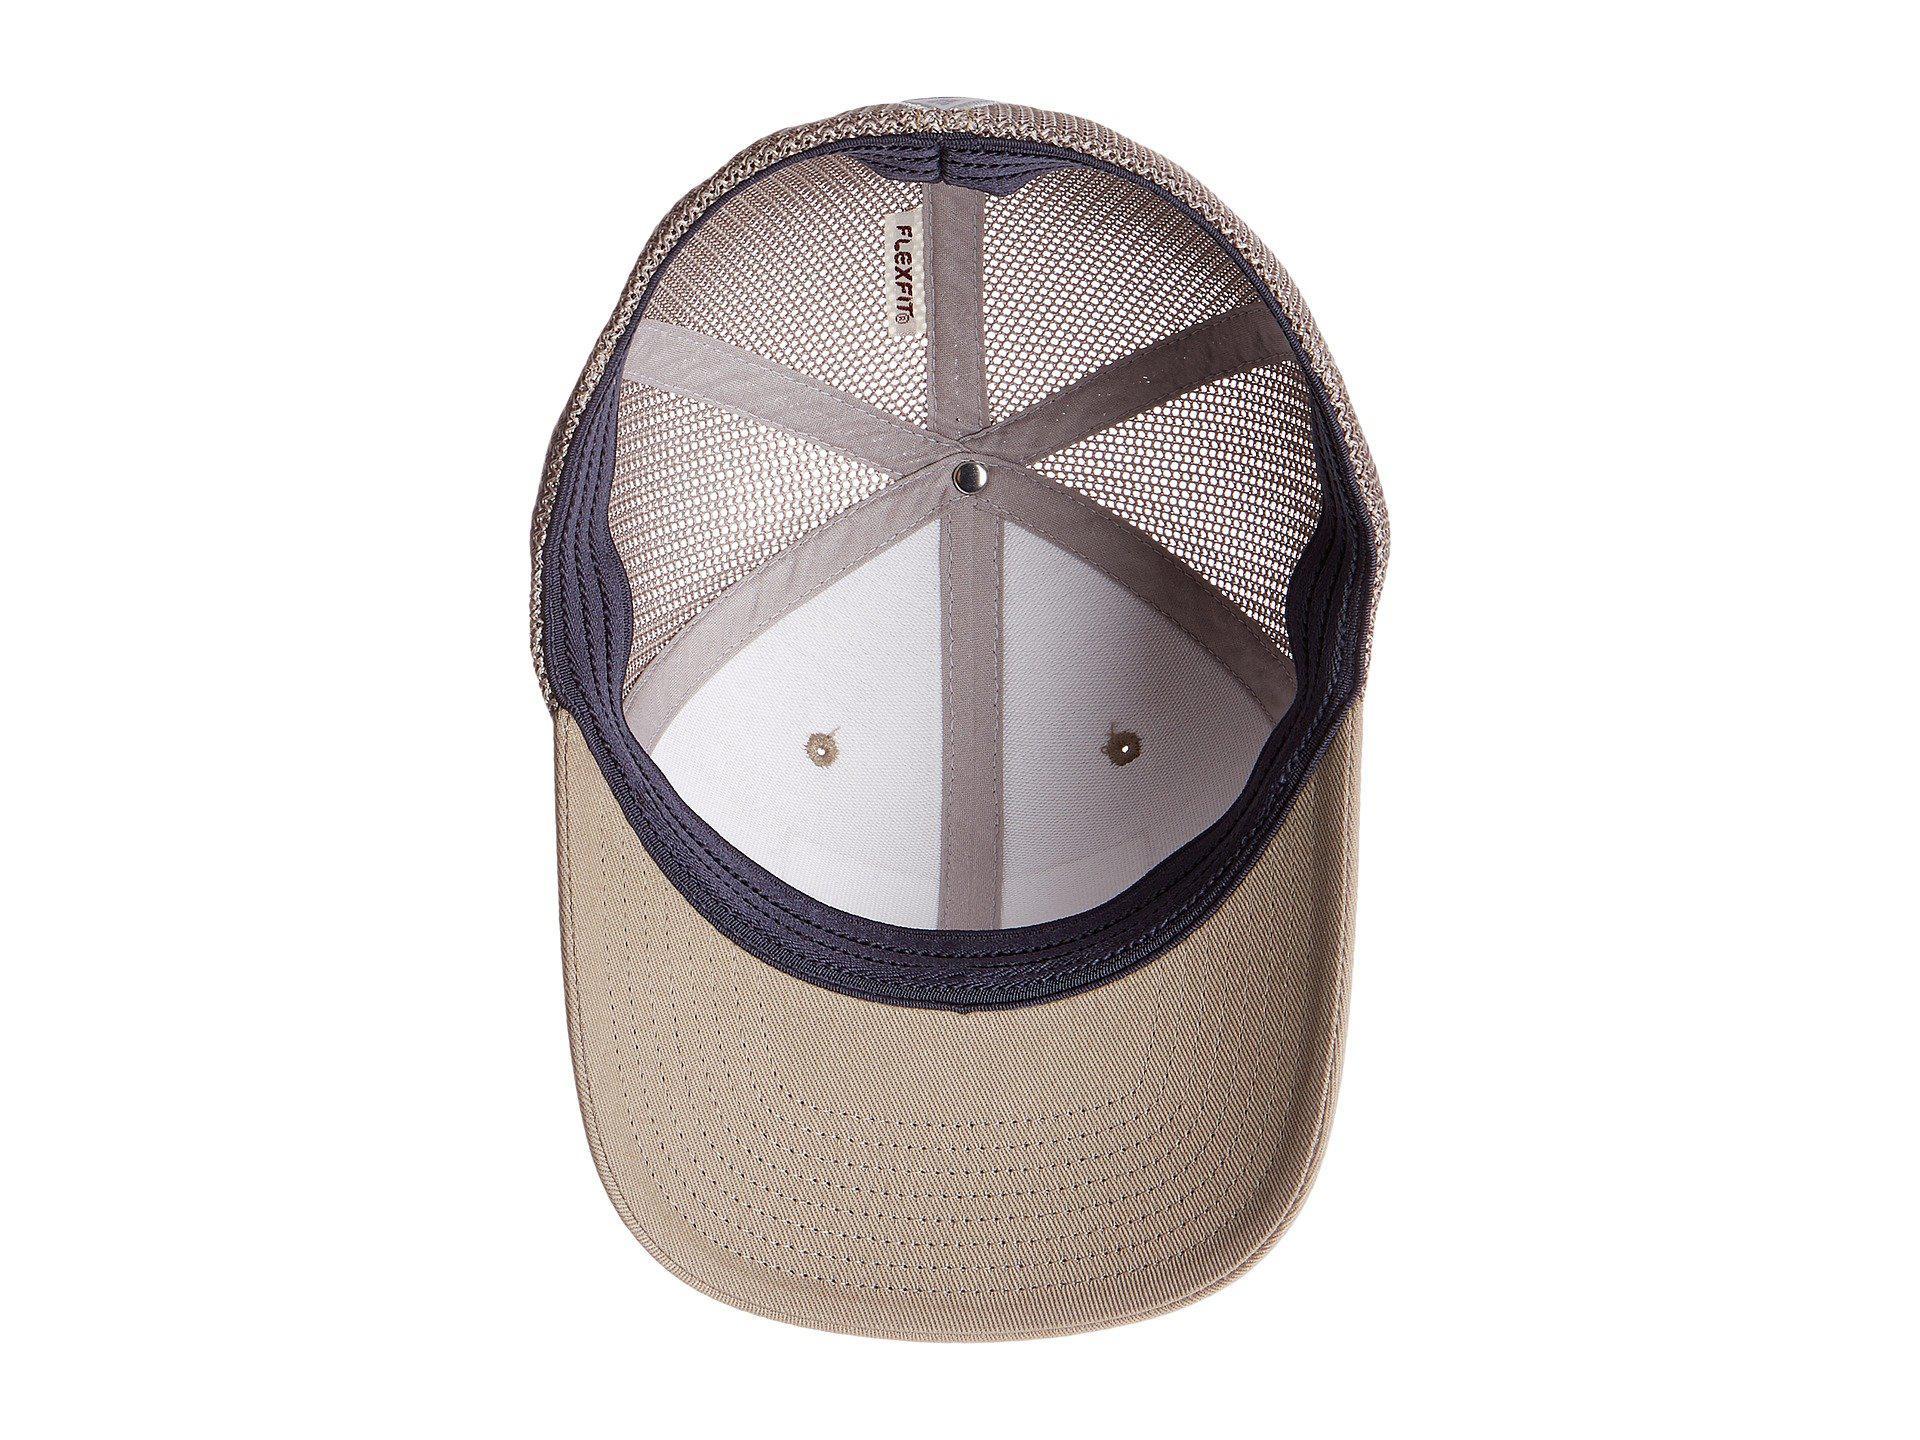 208858d02886d Columbia - Multicolor Pfg Meshtm Ball Cap (tusk fish Flag) Caps for Men.  View fullscreen